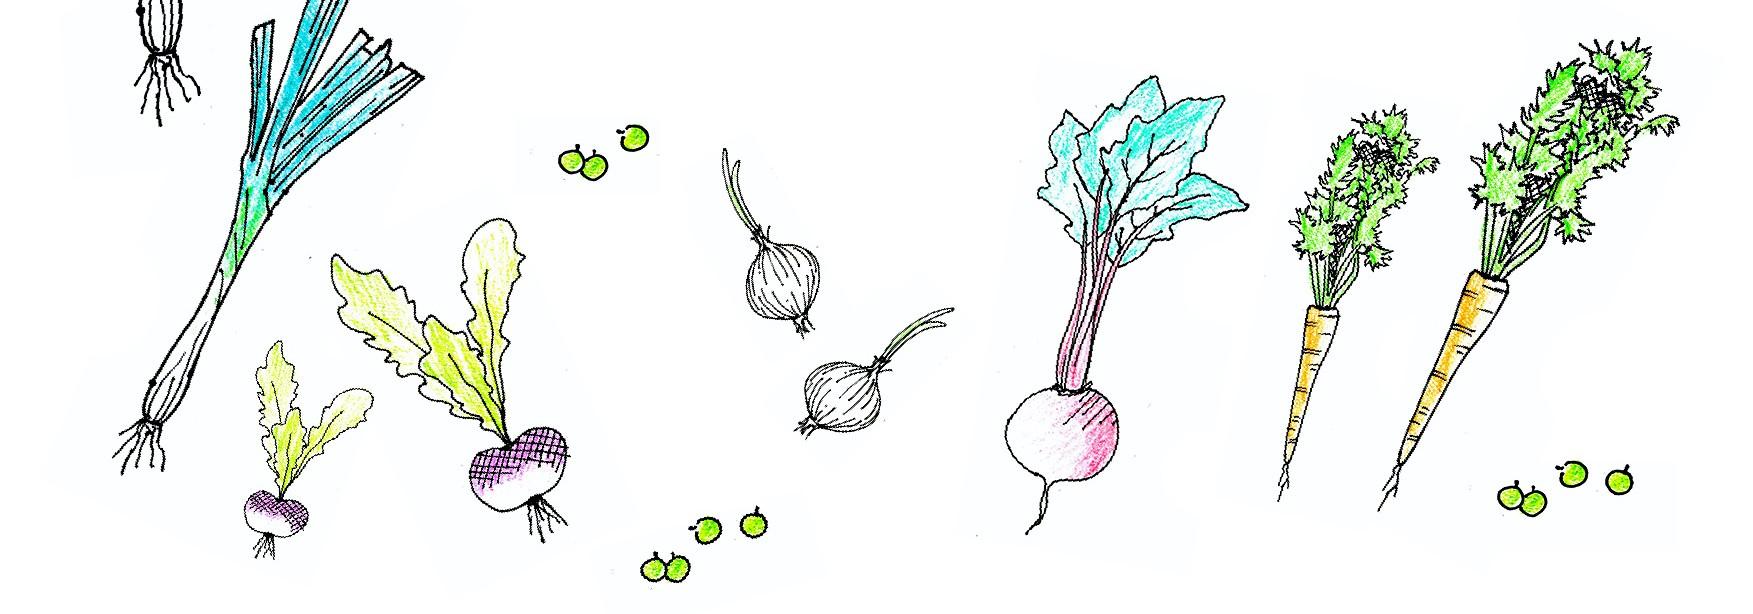 dessins_legumes_c_Anais_Lohmann_-_ecomusee_des_monts_d_arree.jpg